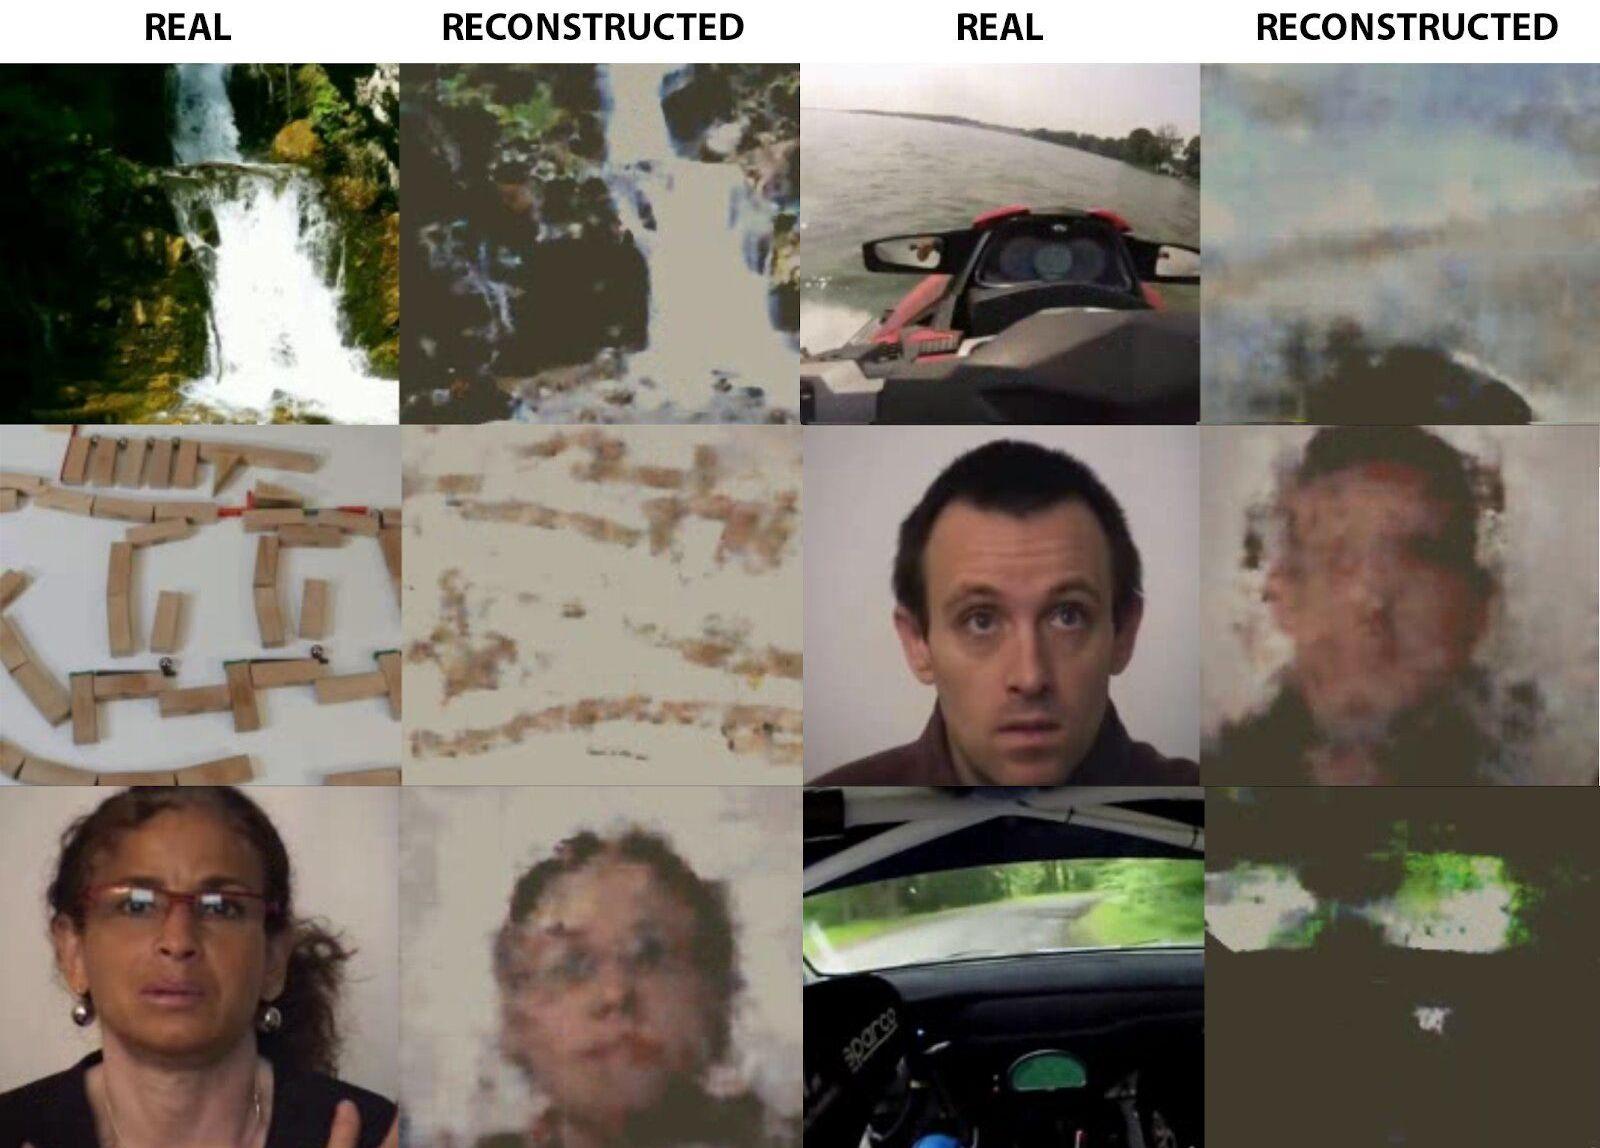 Comparação entre as imagens originais, visualizadas pelo paciente, e as captadas pela máquina de ler pensamentos russa